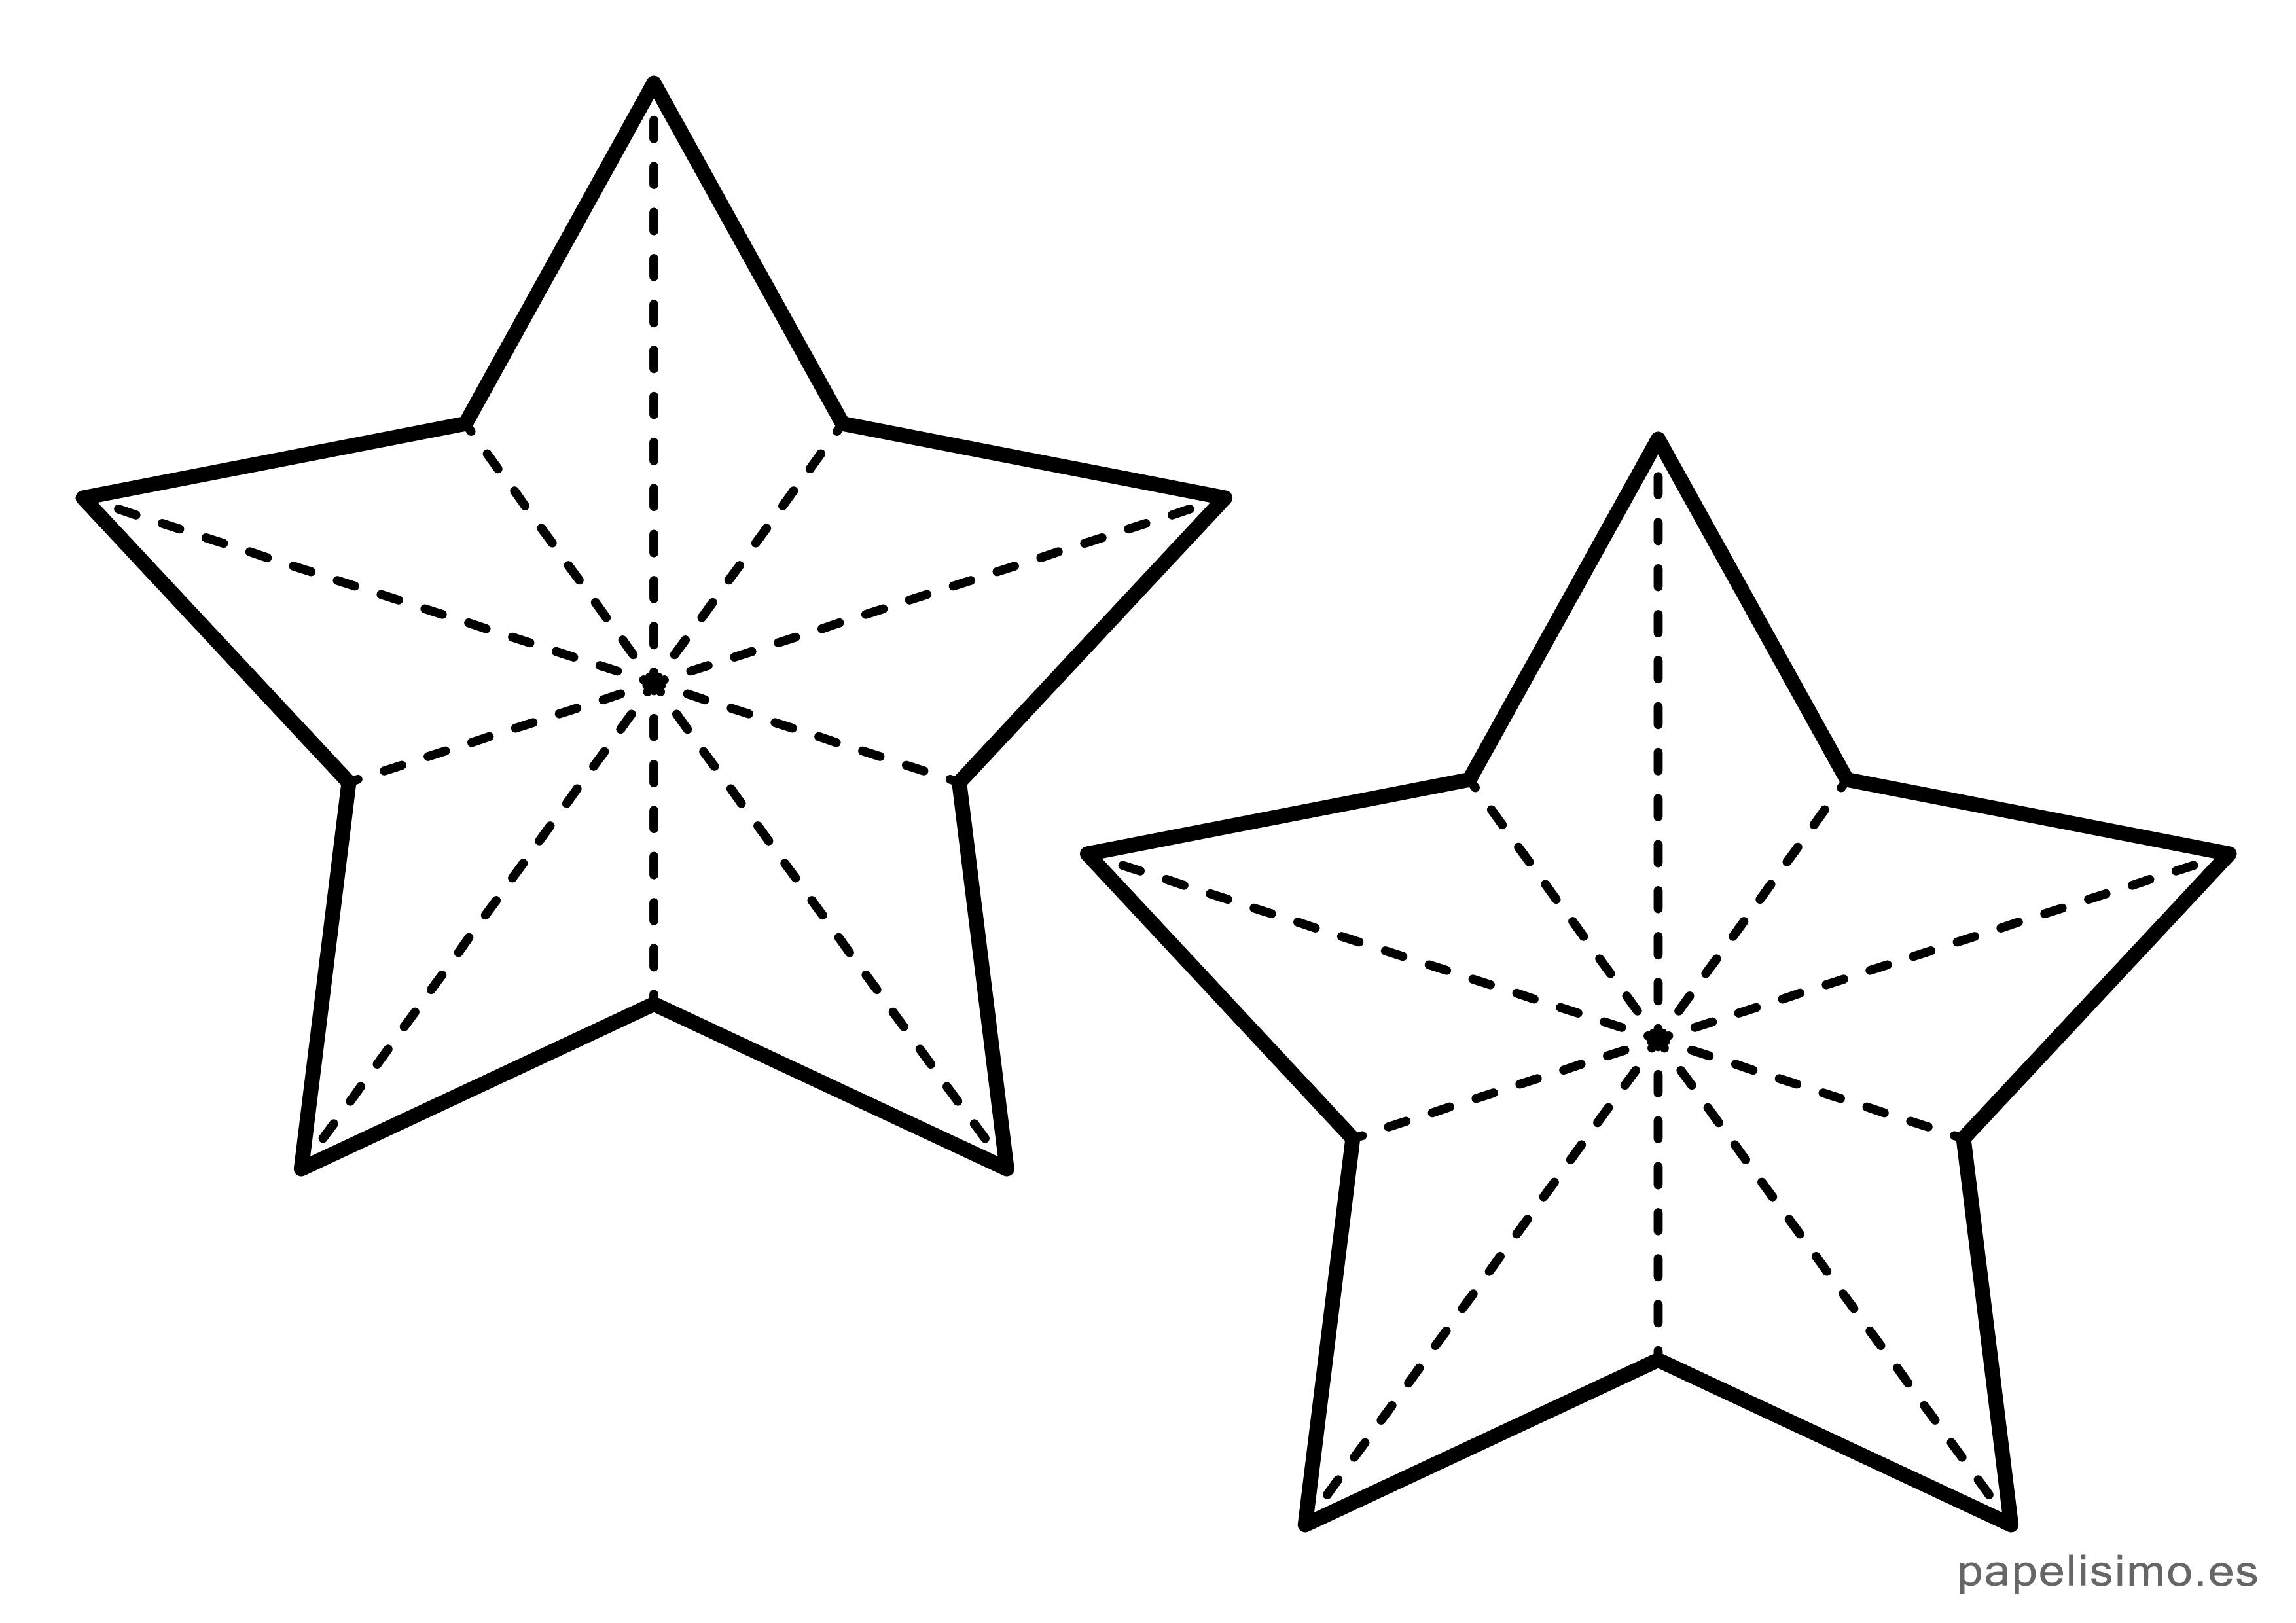 Plantilla Estrellas Cinco Puntas Navidad Mediana Estrella De Navidad Manualidades Estrellas De Papel Navidad Estrellas De Papel